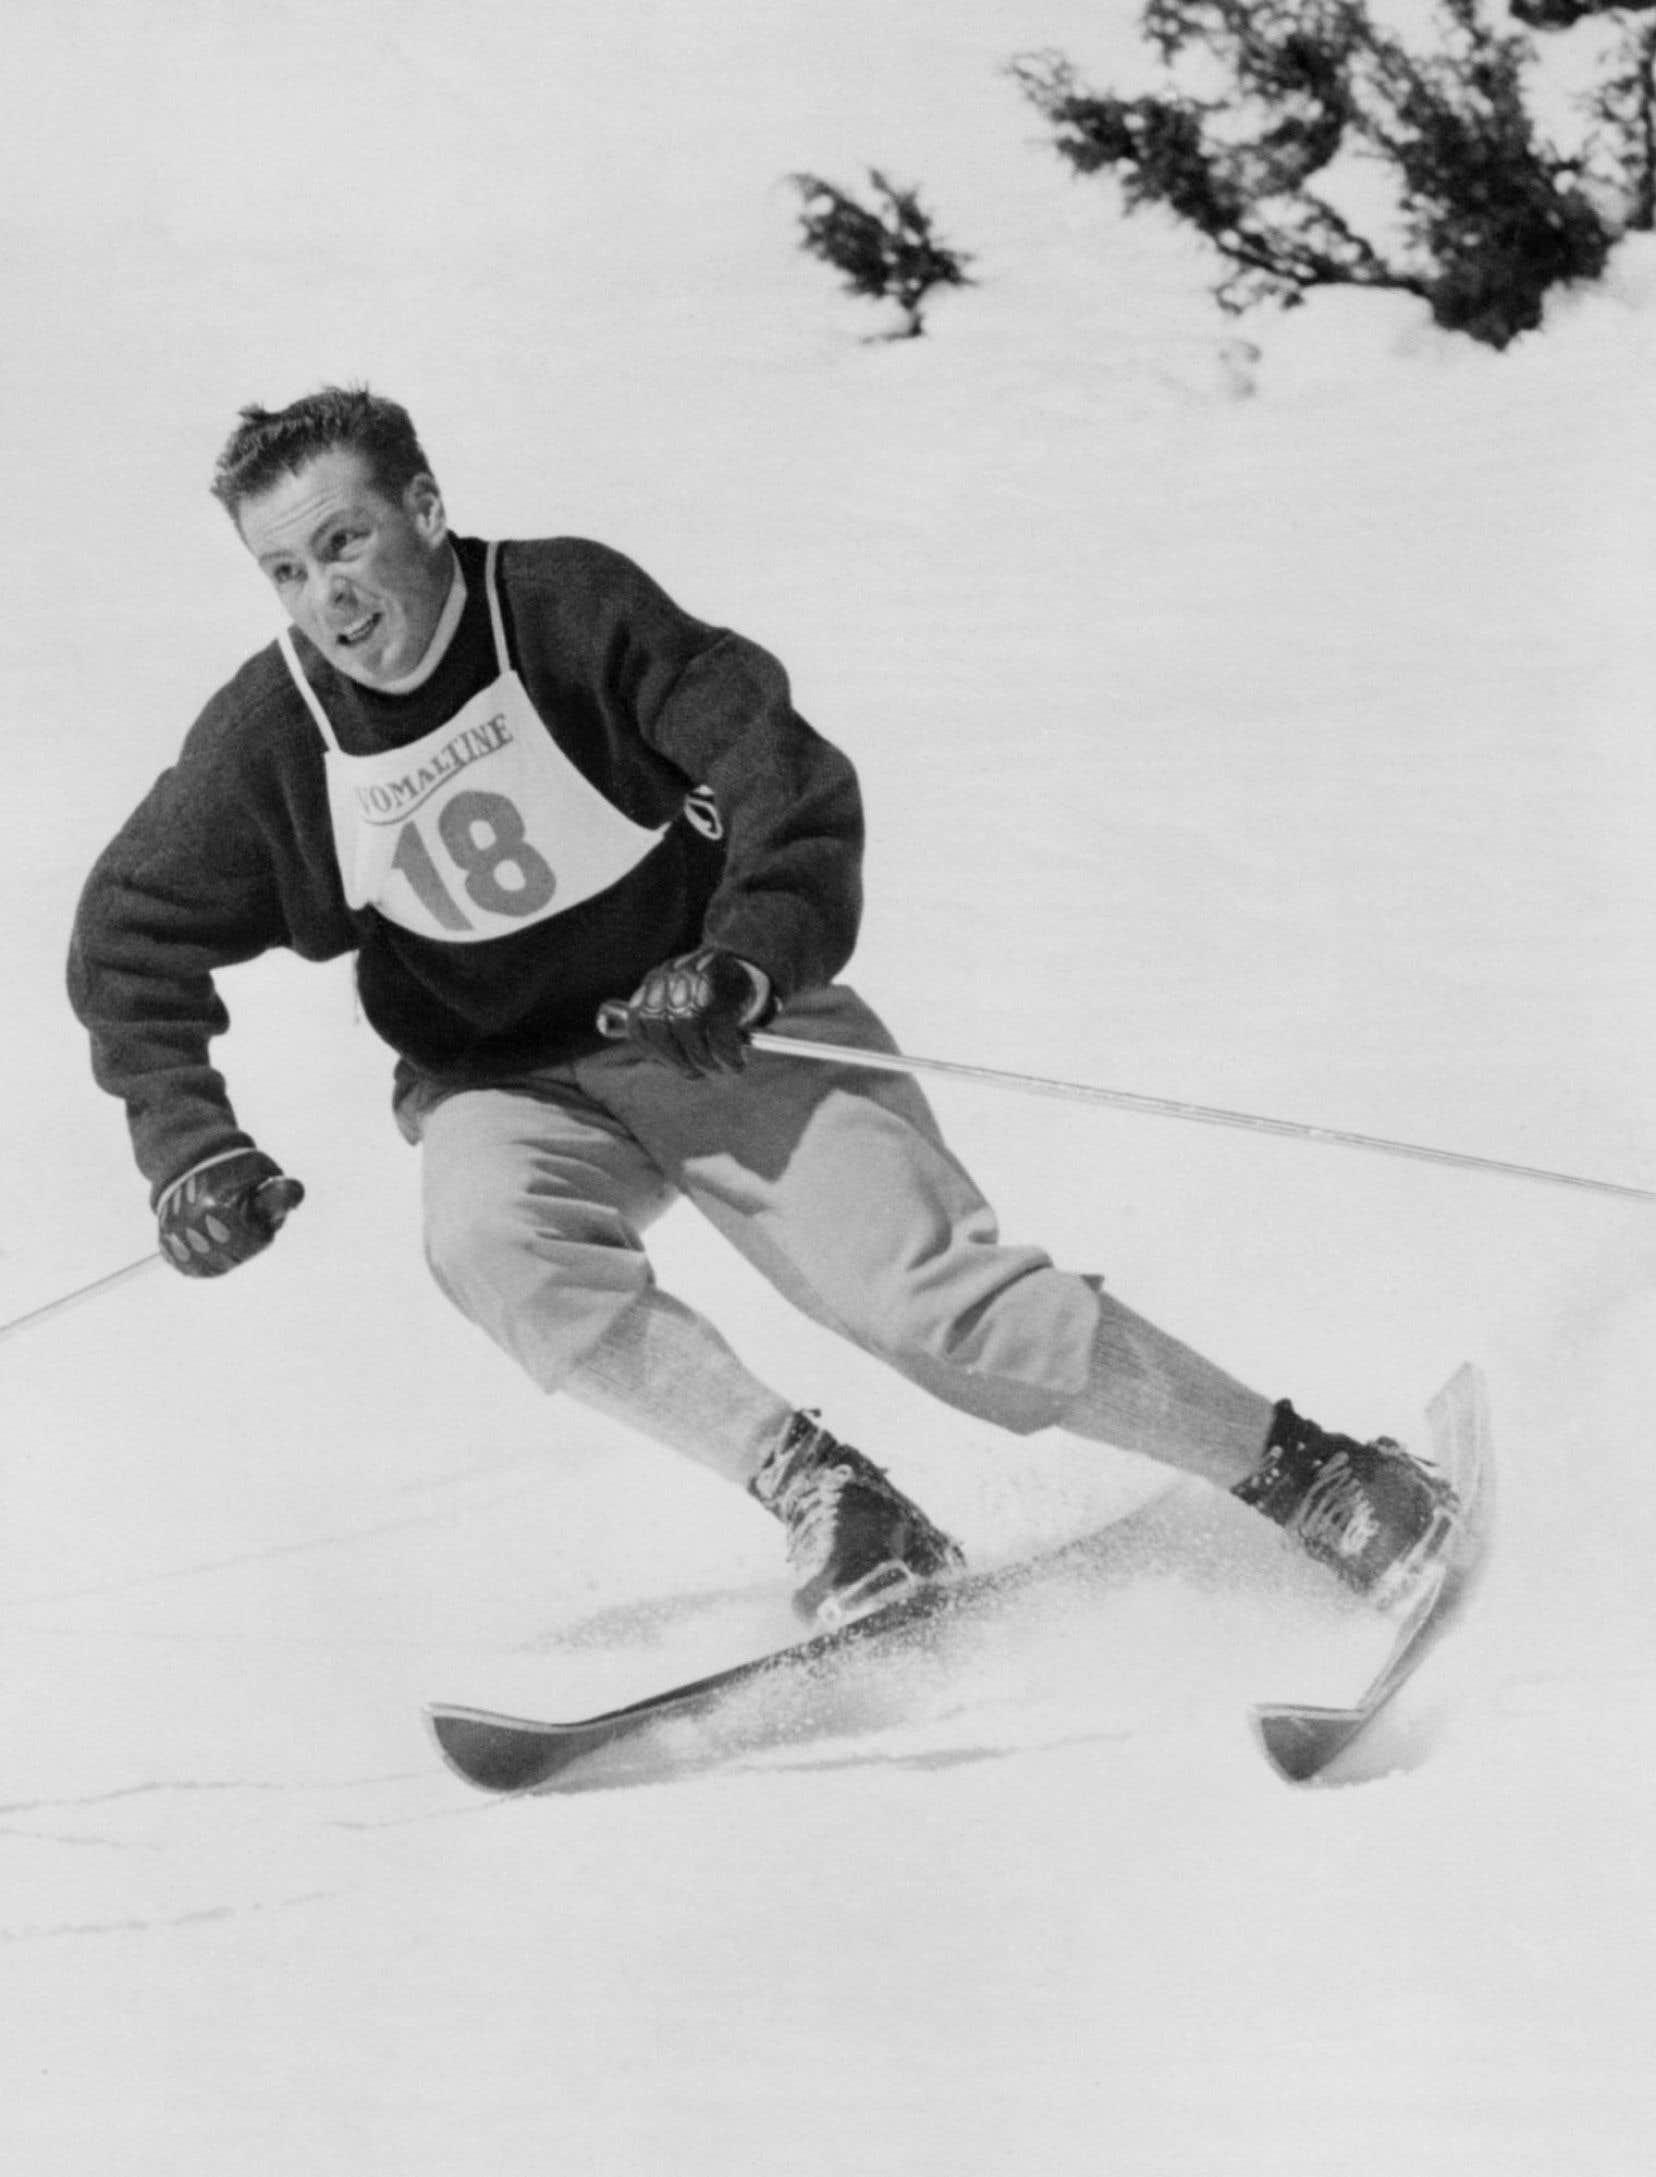 Jean Vuarnet aux Jeux olympiques de Squaw Valley, aux États-Unis, en 1960